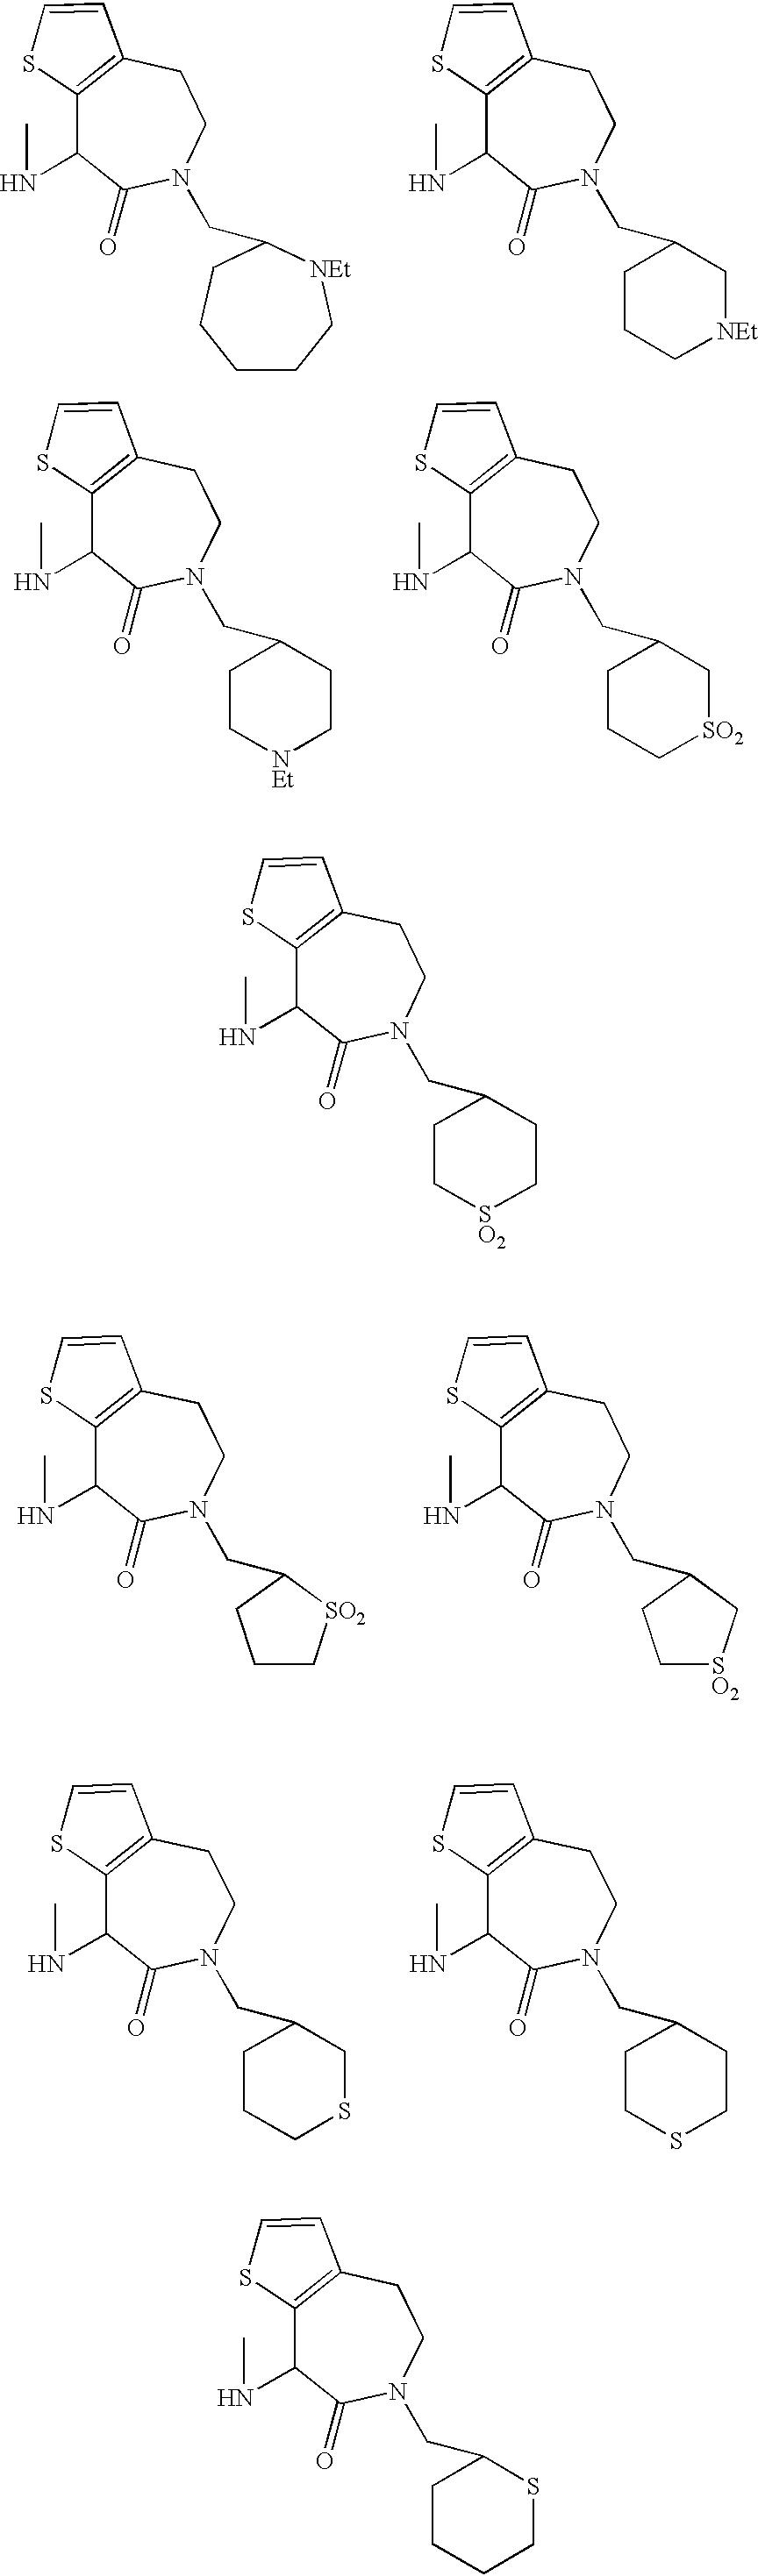 Figure US06509331-20030121-C00063